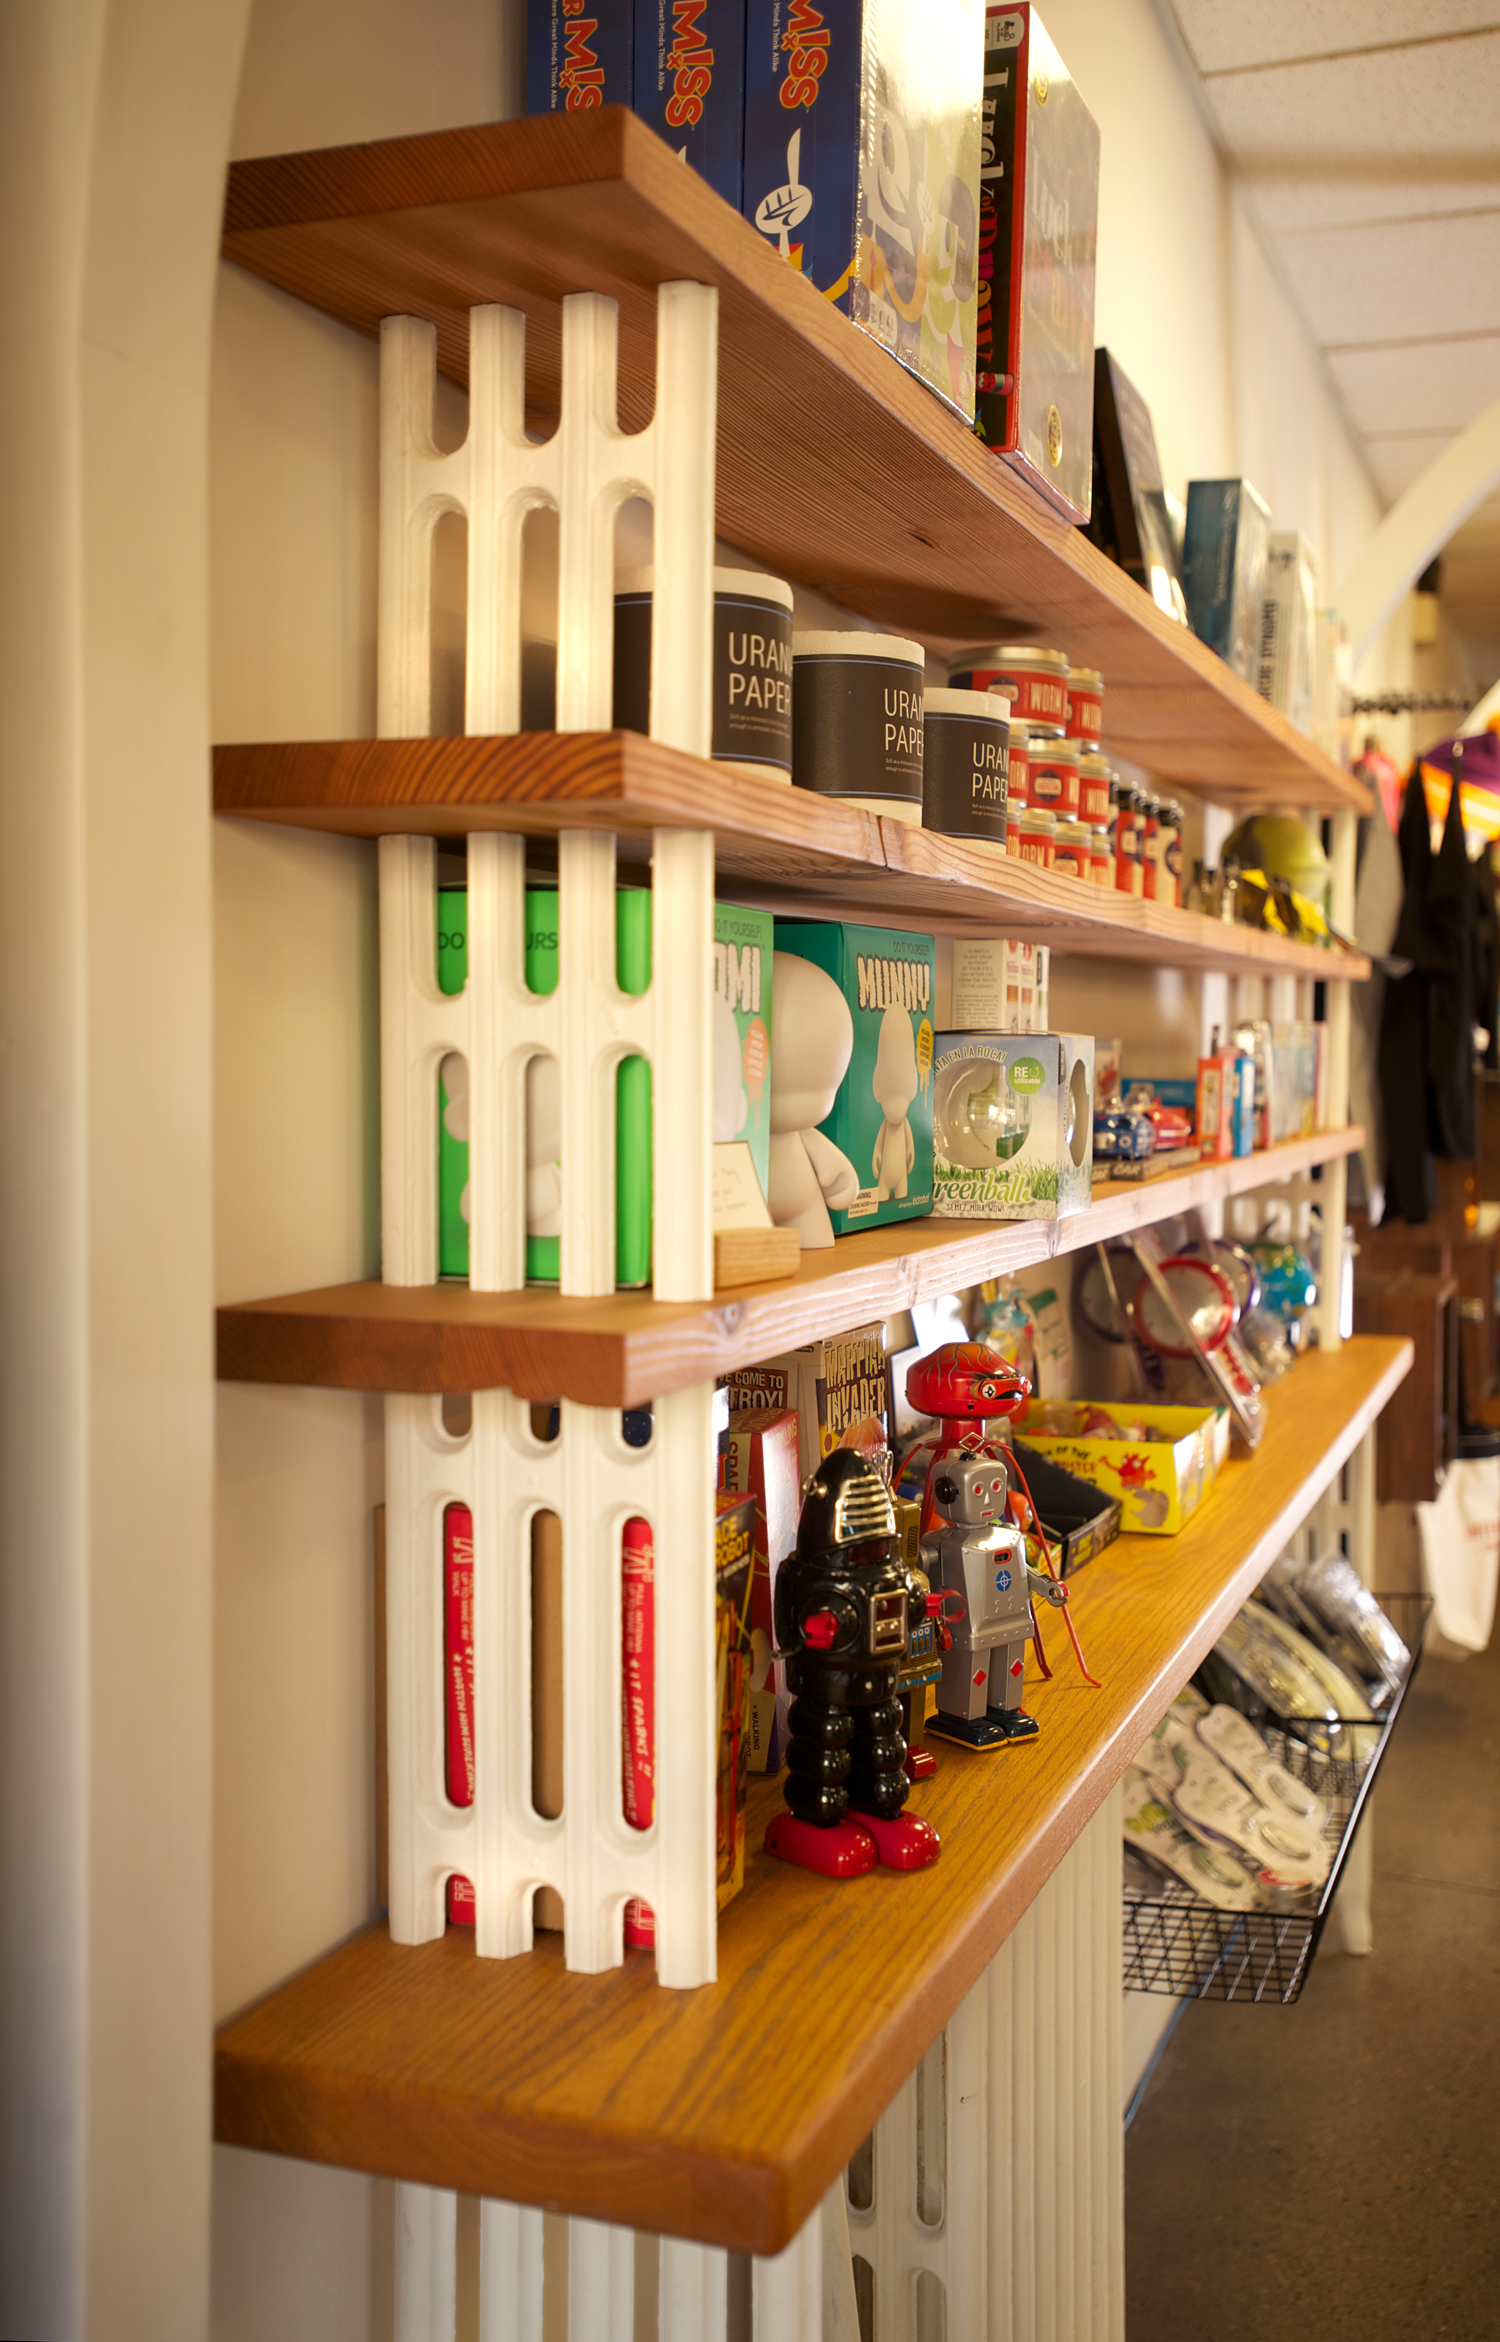 BD_ITA_DM_Shelves.jpg